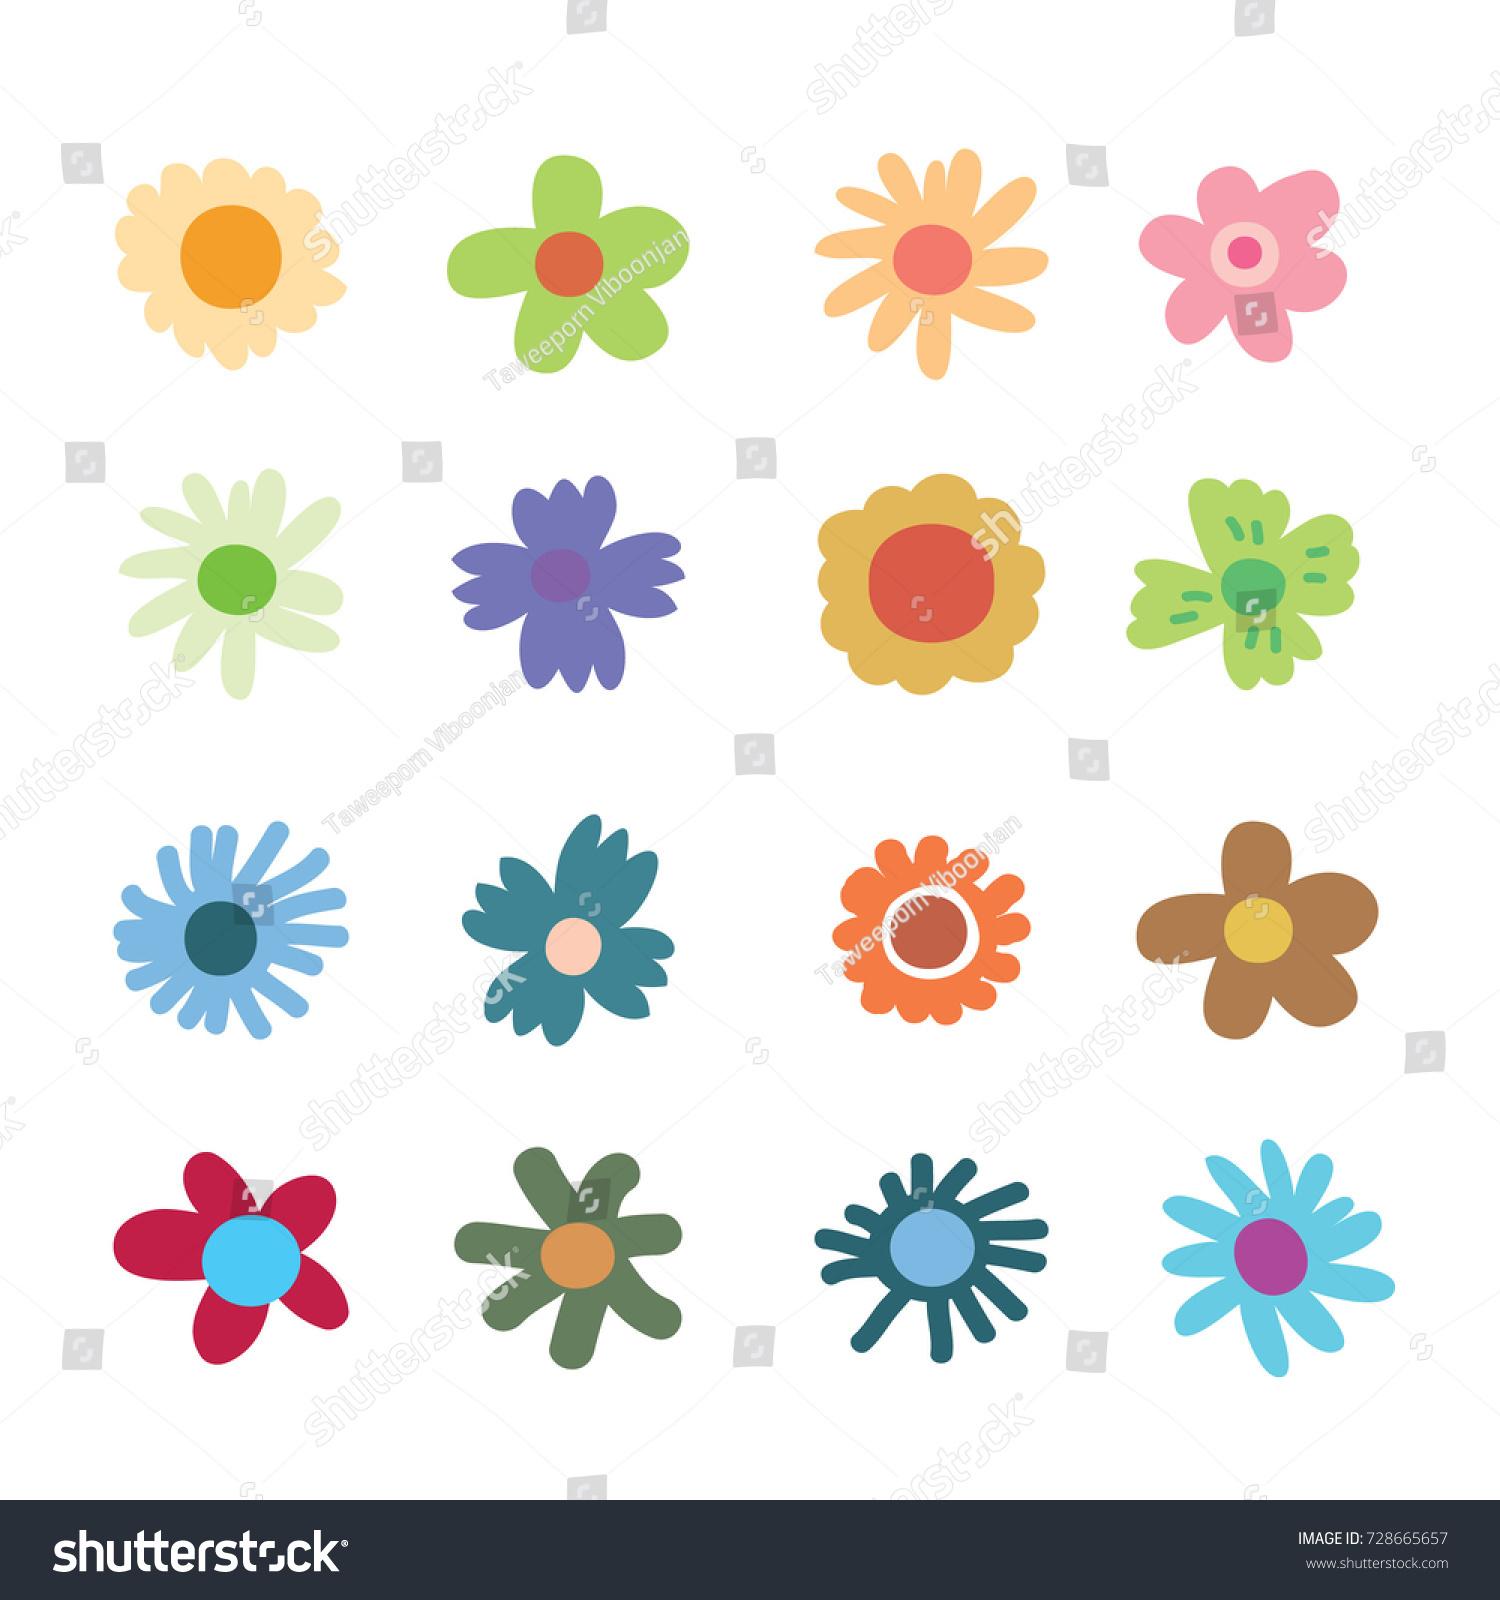 Image Vectorielle De Stock De Fleurs De Gribouillis Fleur